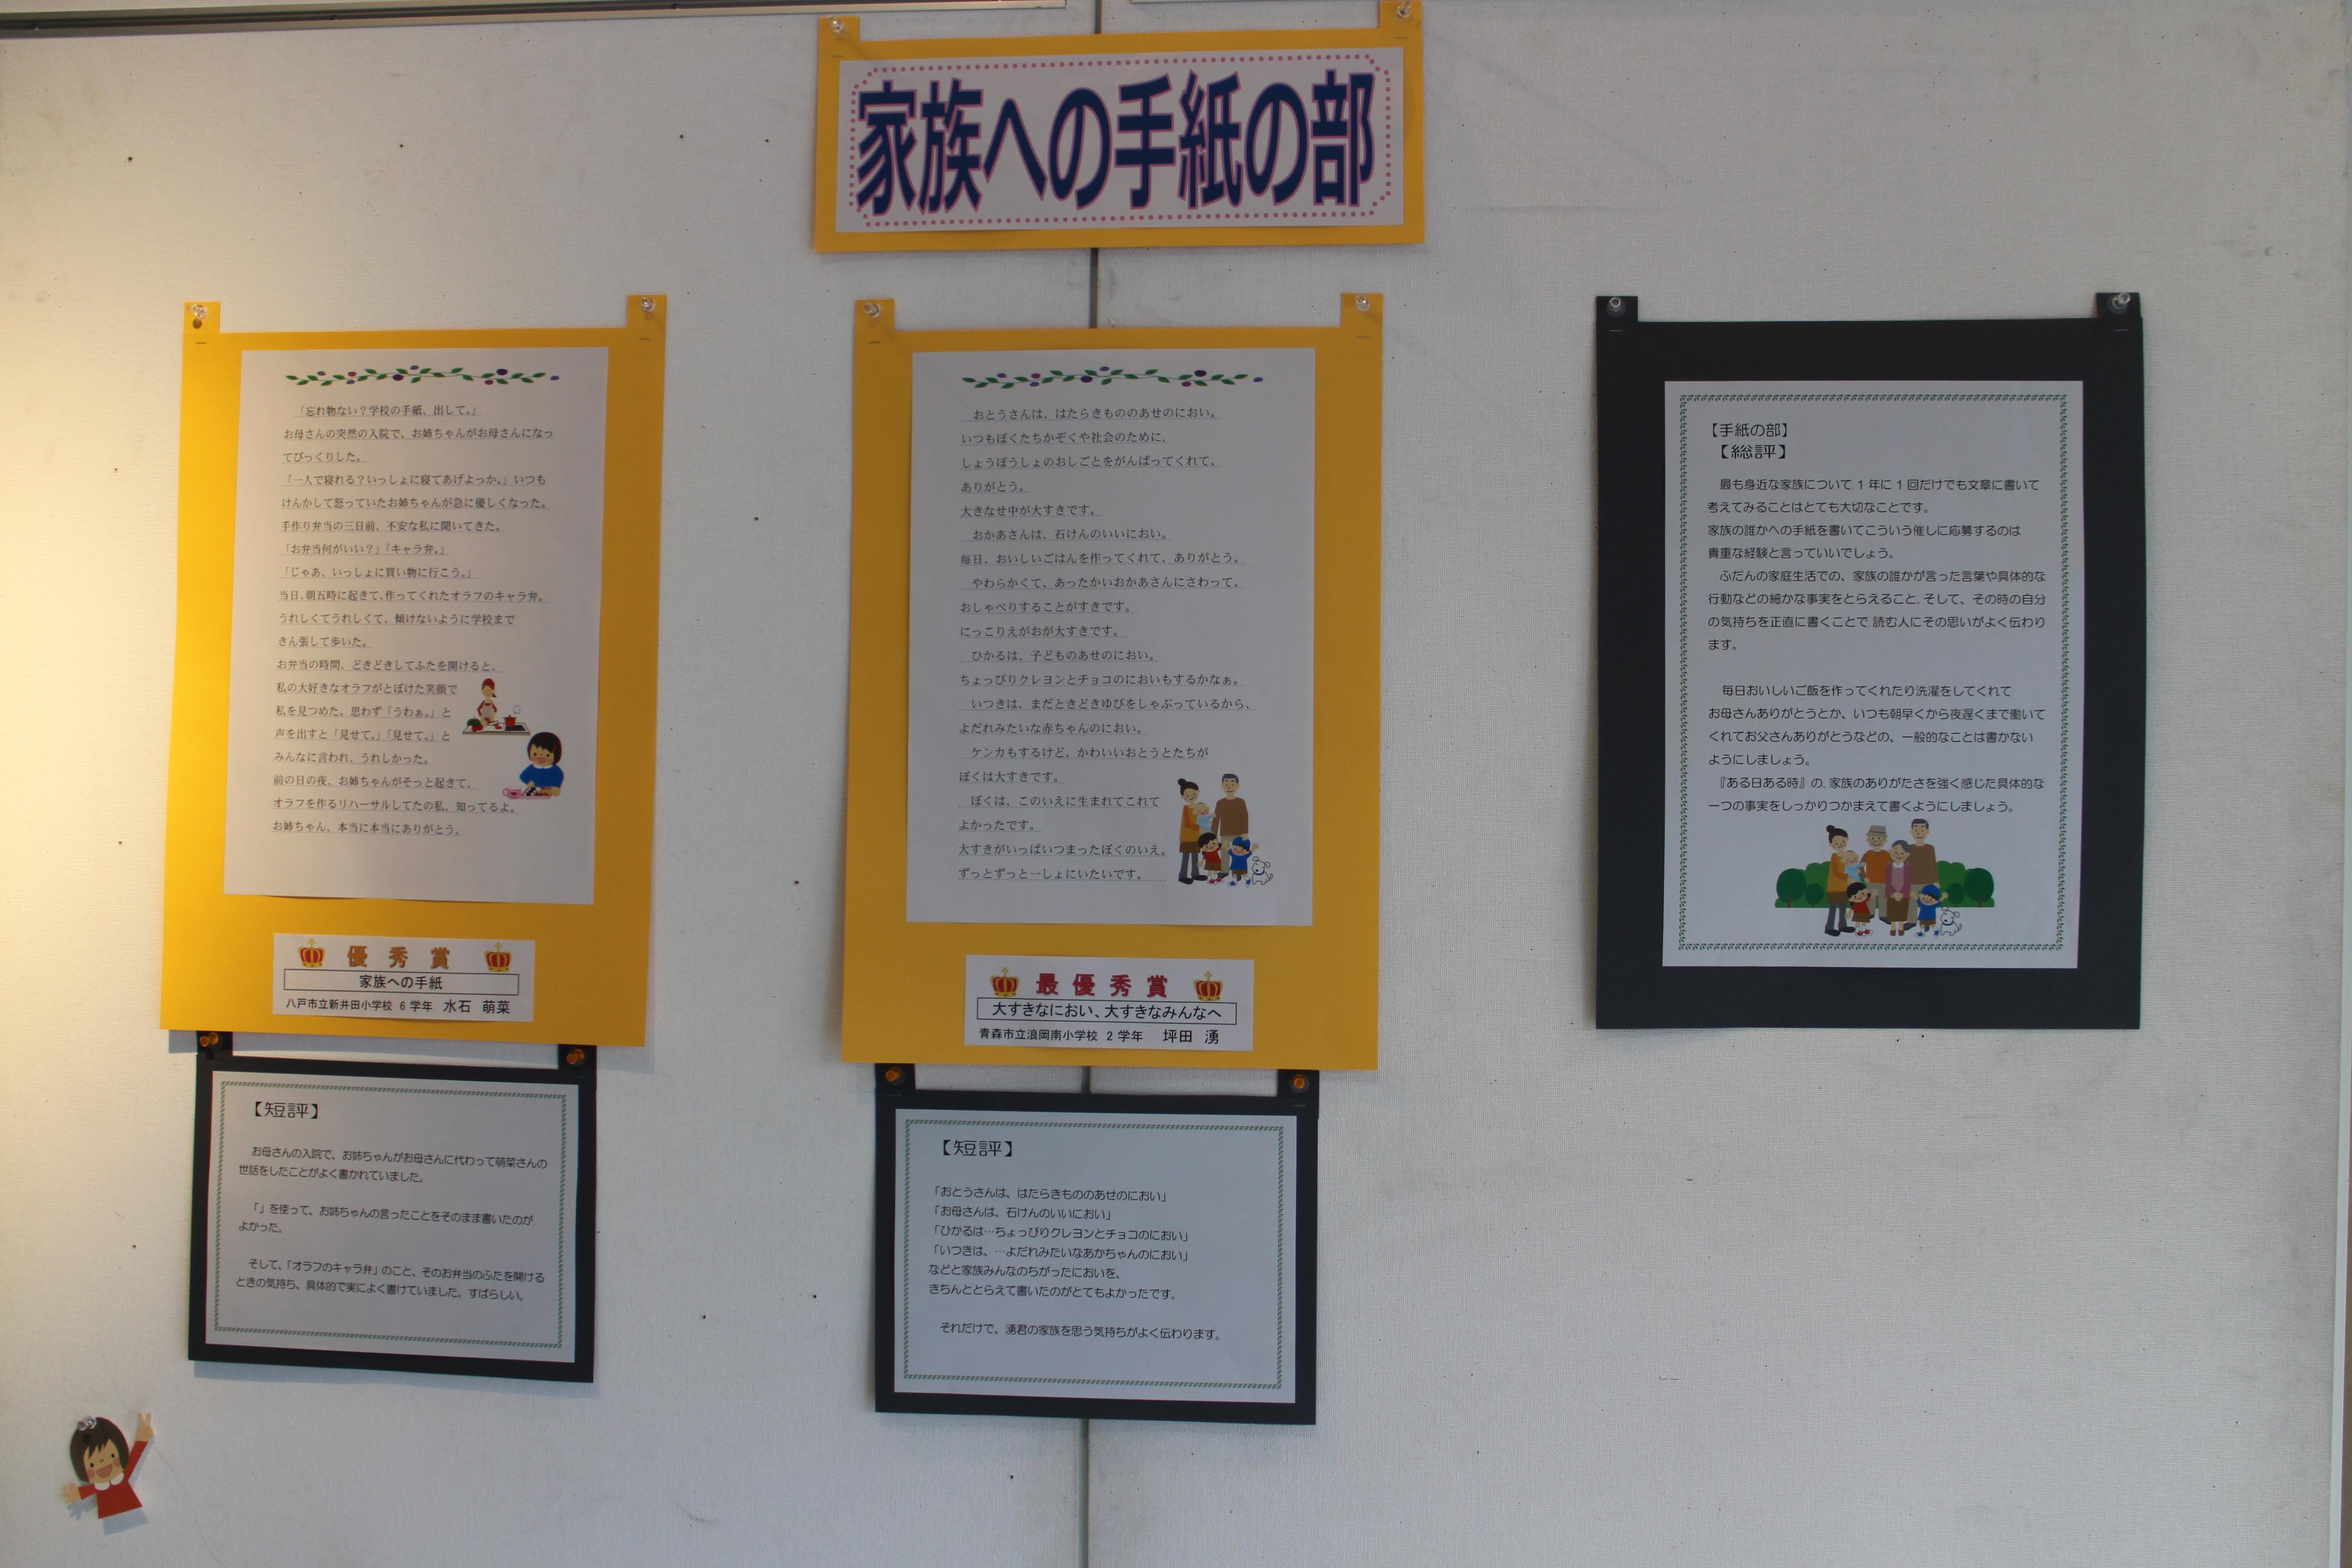 http://hacchi.jp/blog/upload/images/20141002%EF%BC%BF2.JPG